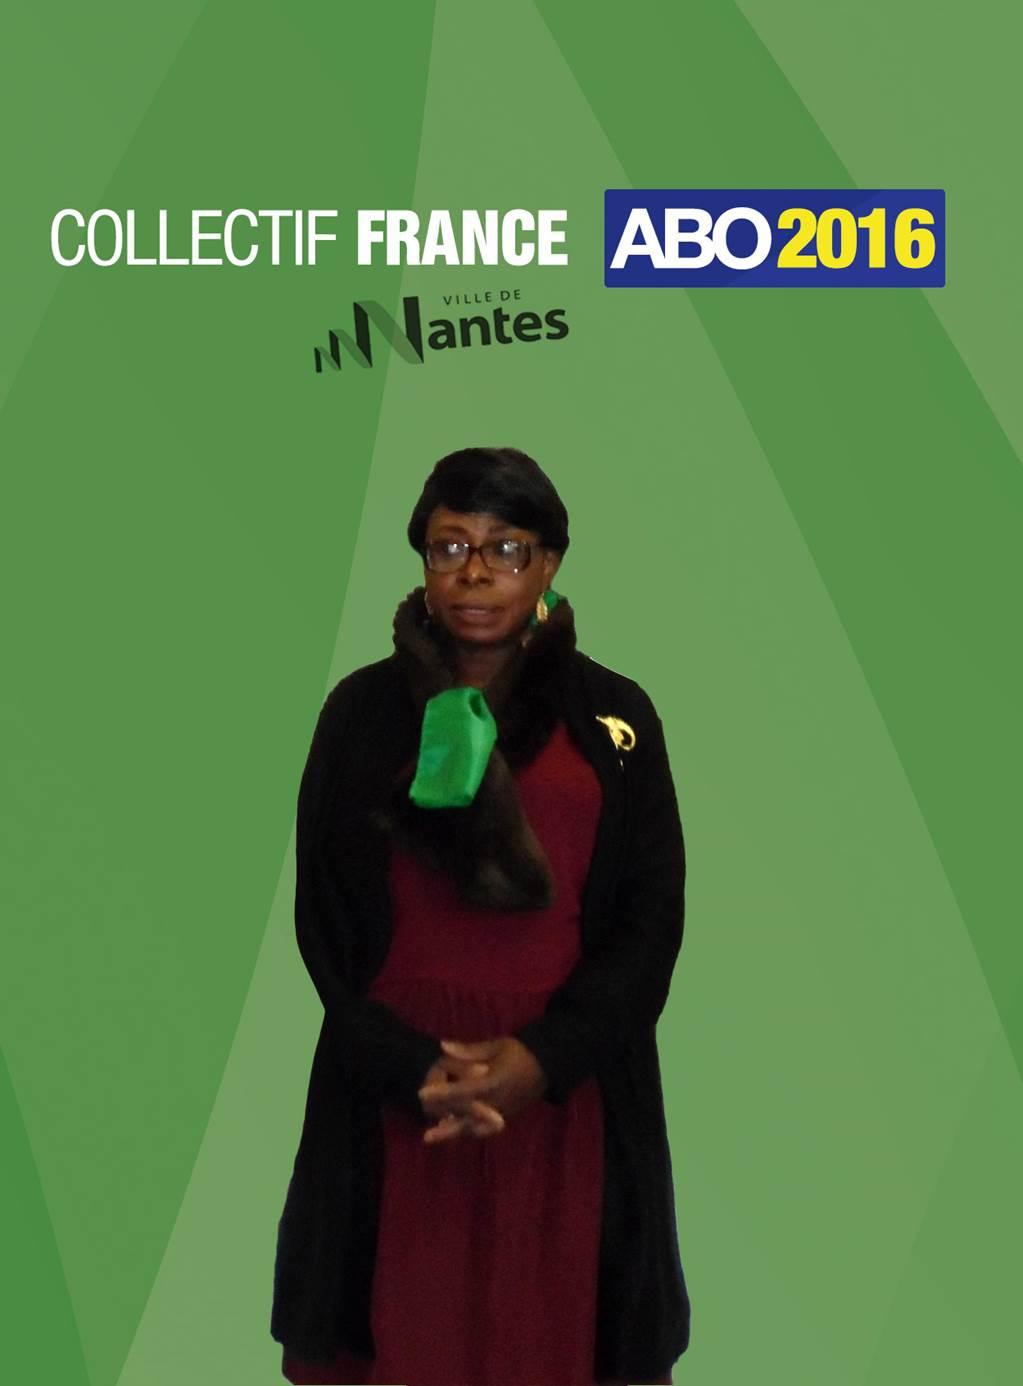 COLLECTIF FRANCE ABO 2016-NANTES - 20 FEVRIER 2016-DWORACZEK-BENDOME